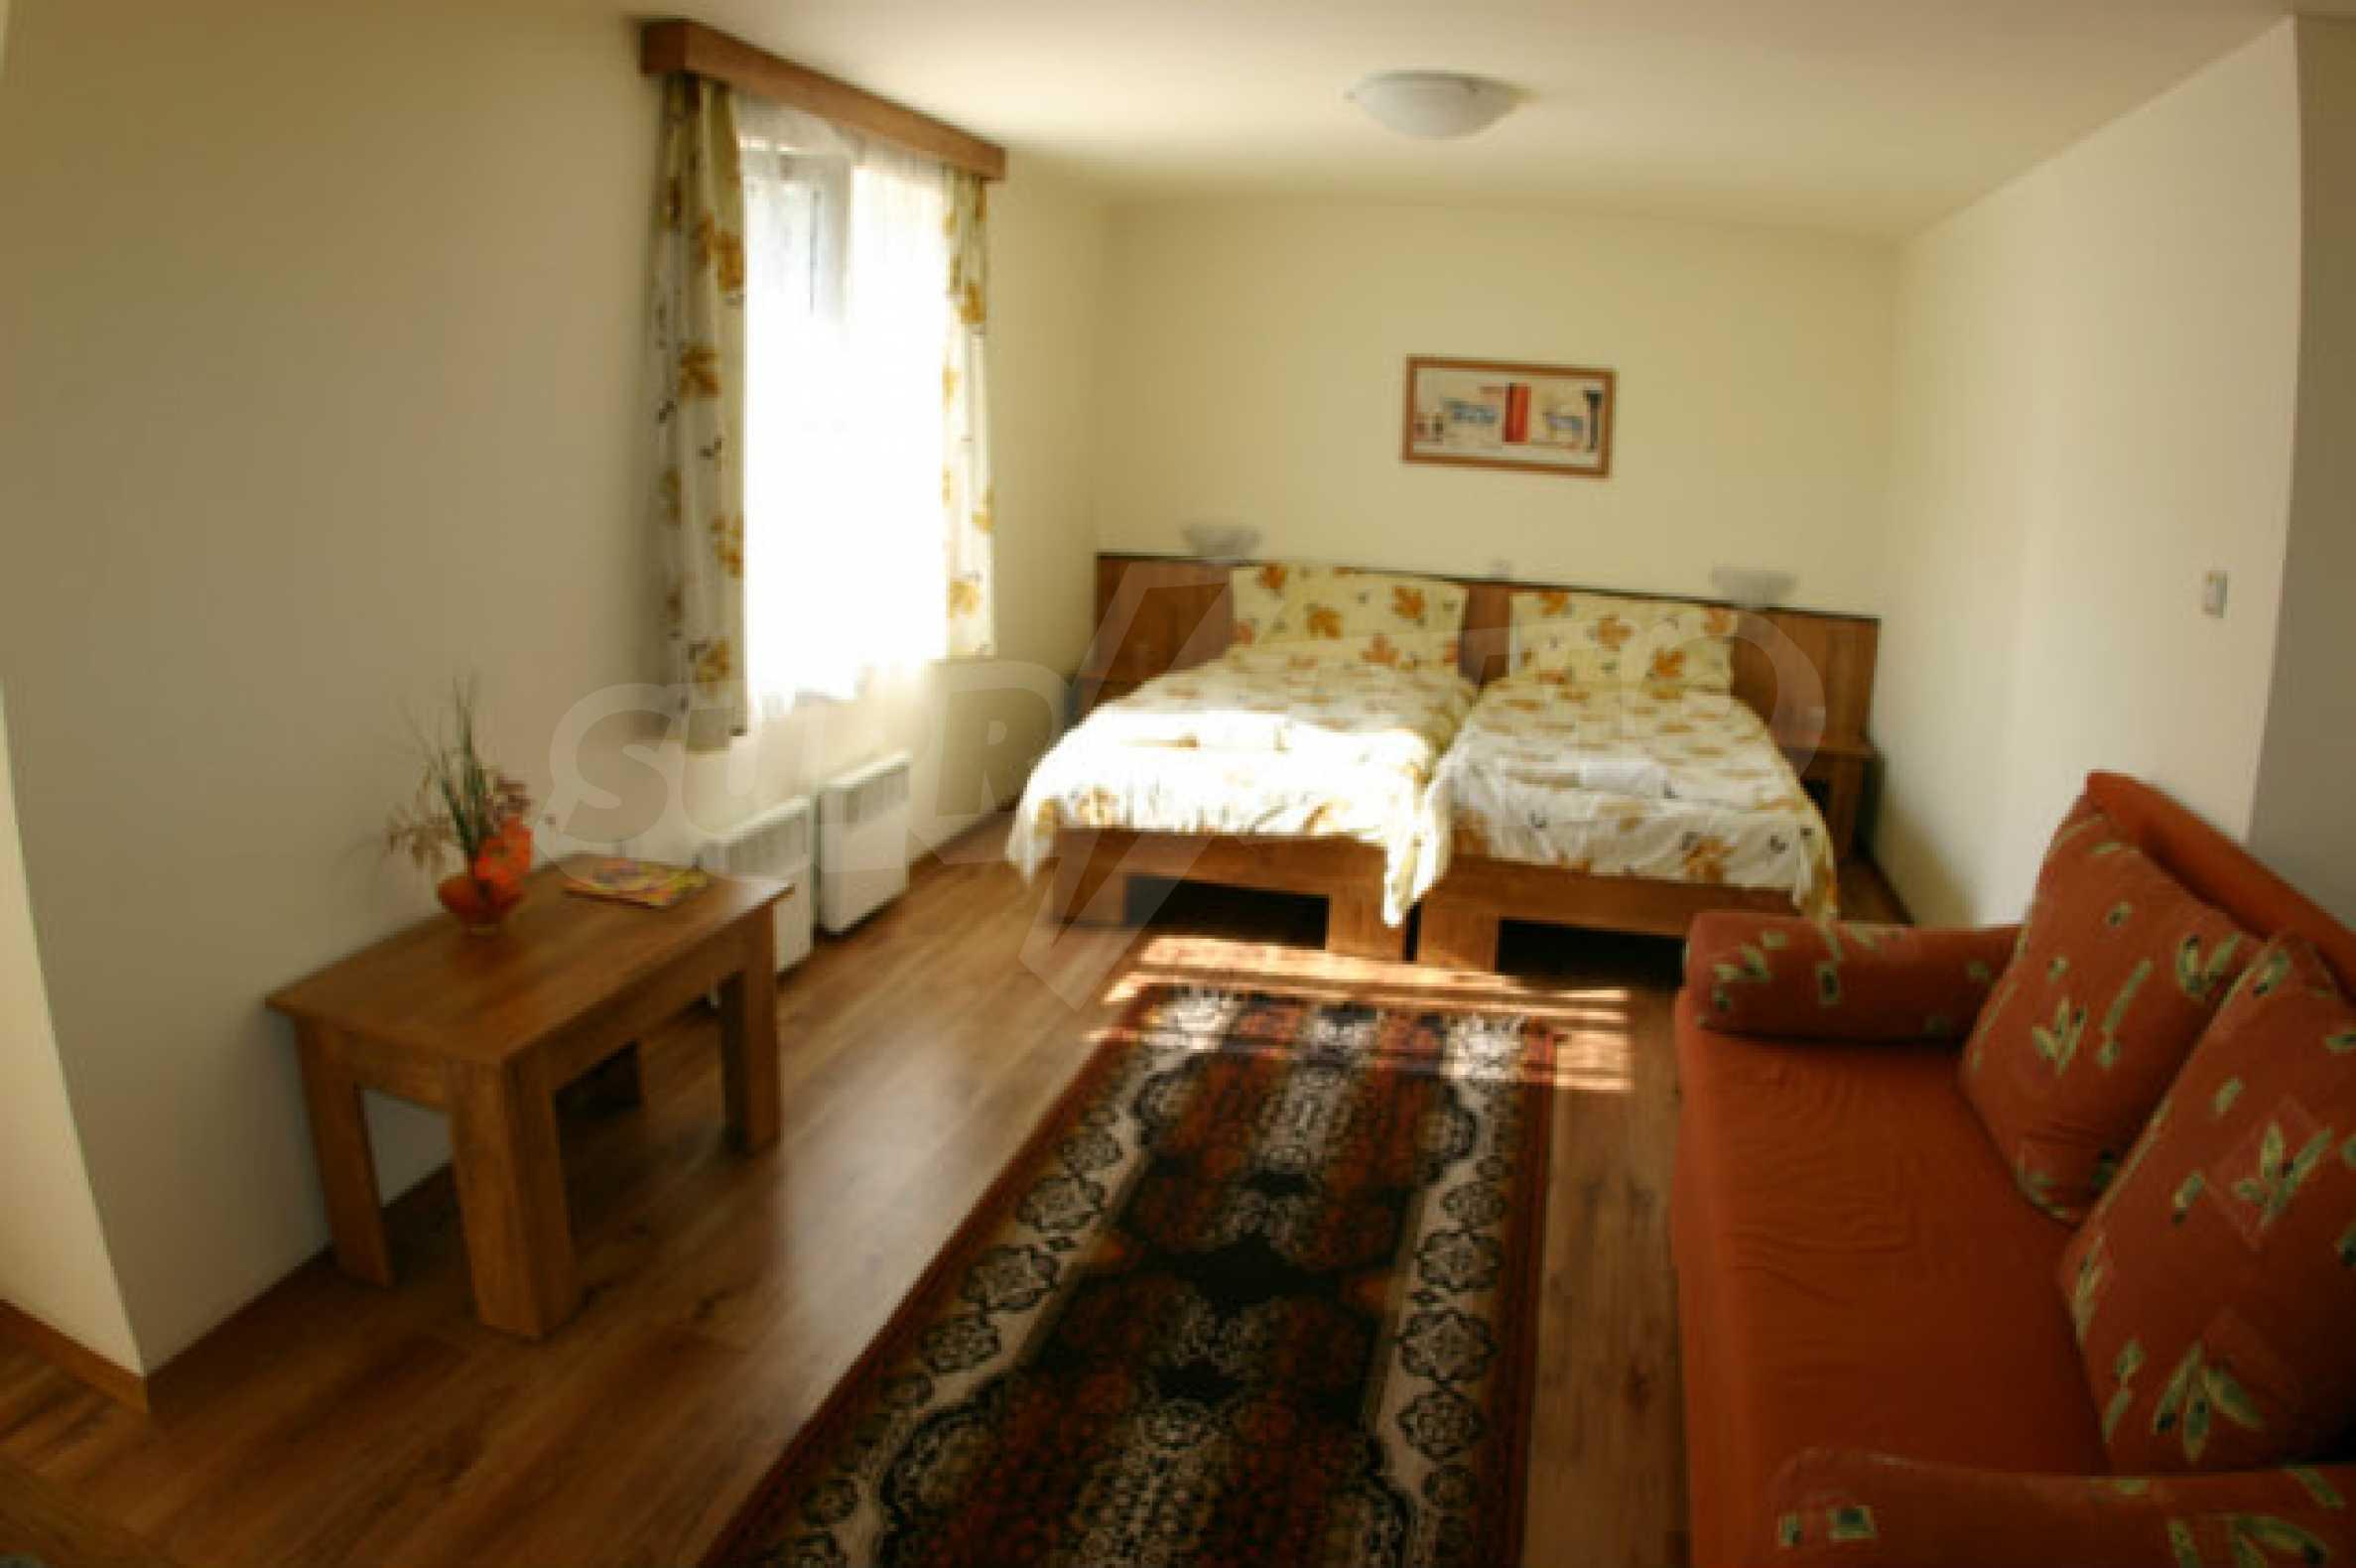 Familienhotel zum Verkauf in Dobrinischte, 6 km von Bansko entfernt 19